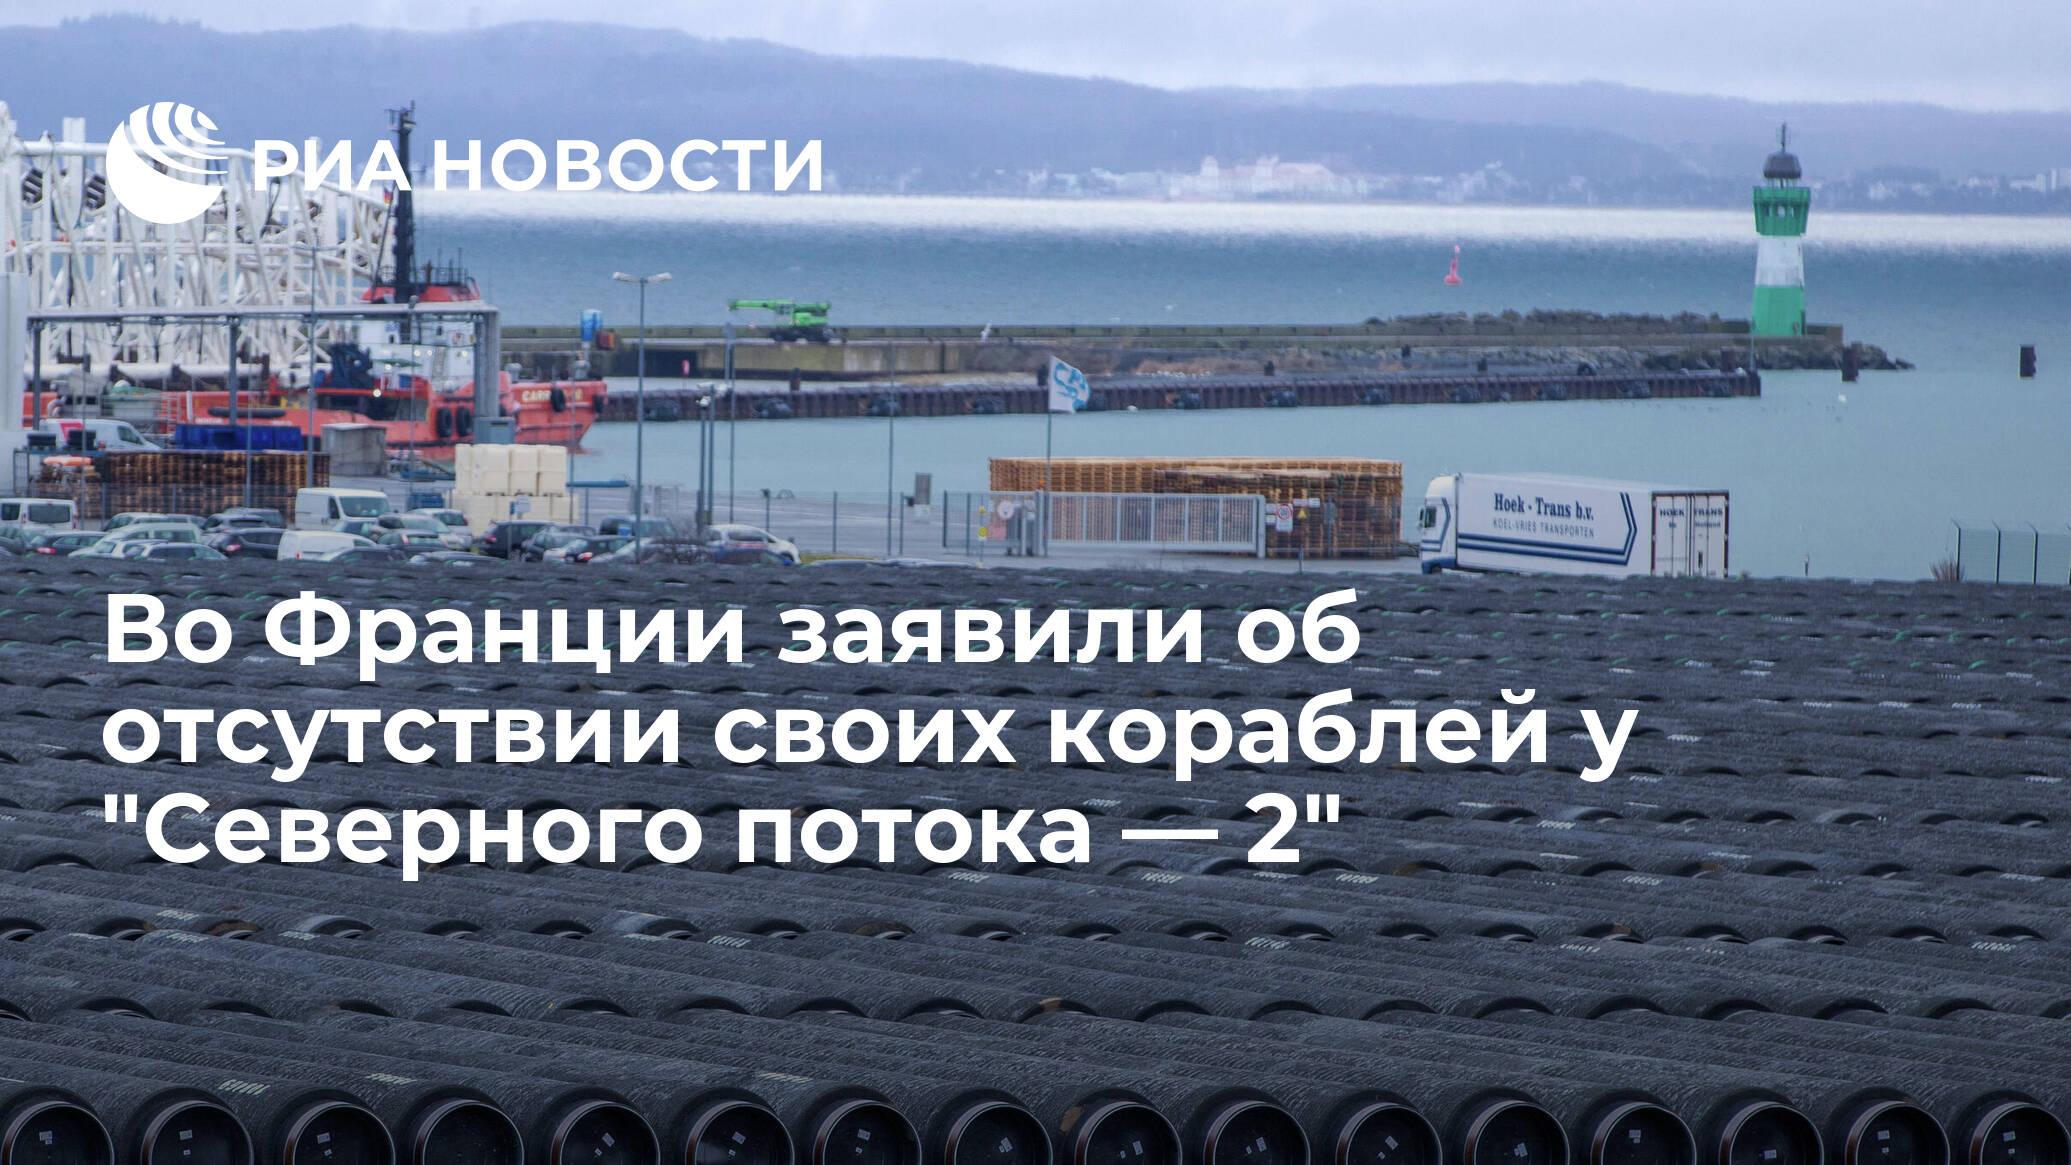 """Во Франции заявили об отсутствии своих кораблей у """"Северного потока — 2"""""""